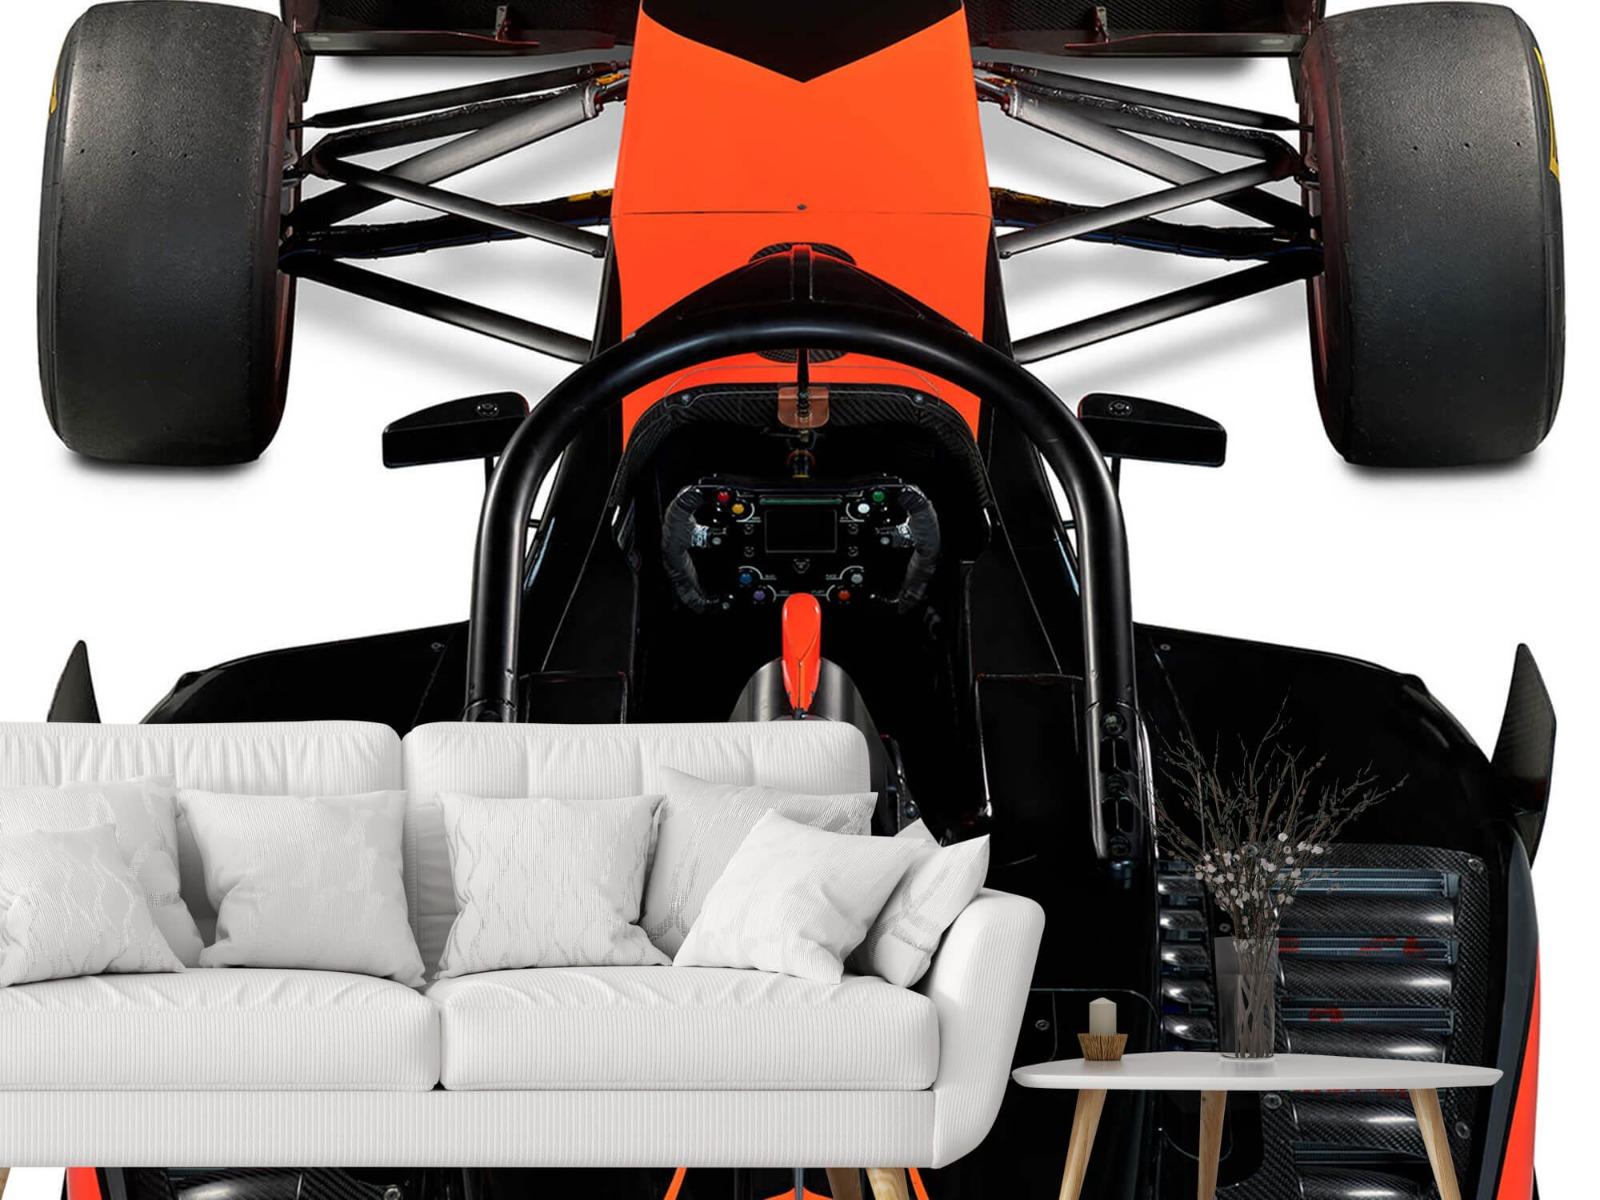 Sportauto's - Formule 3 - Cockpit view - Computerruimte 3